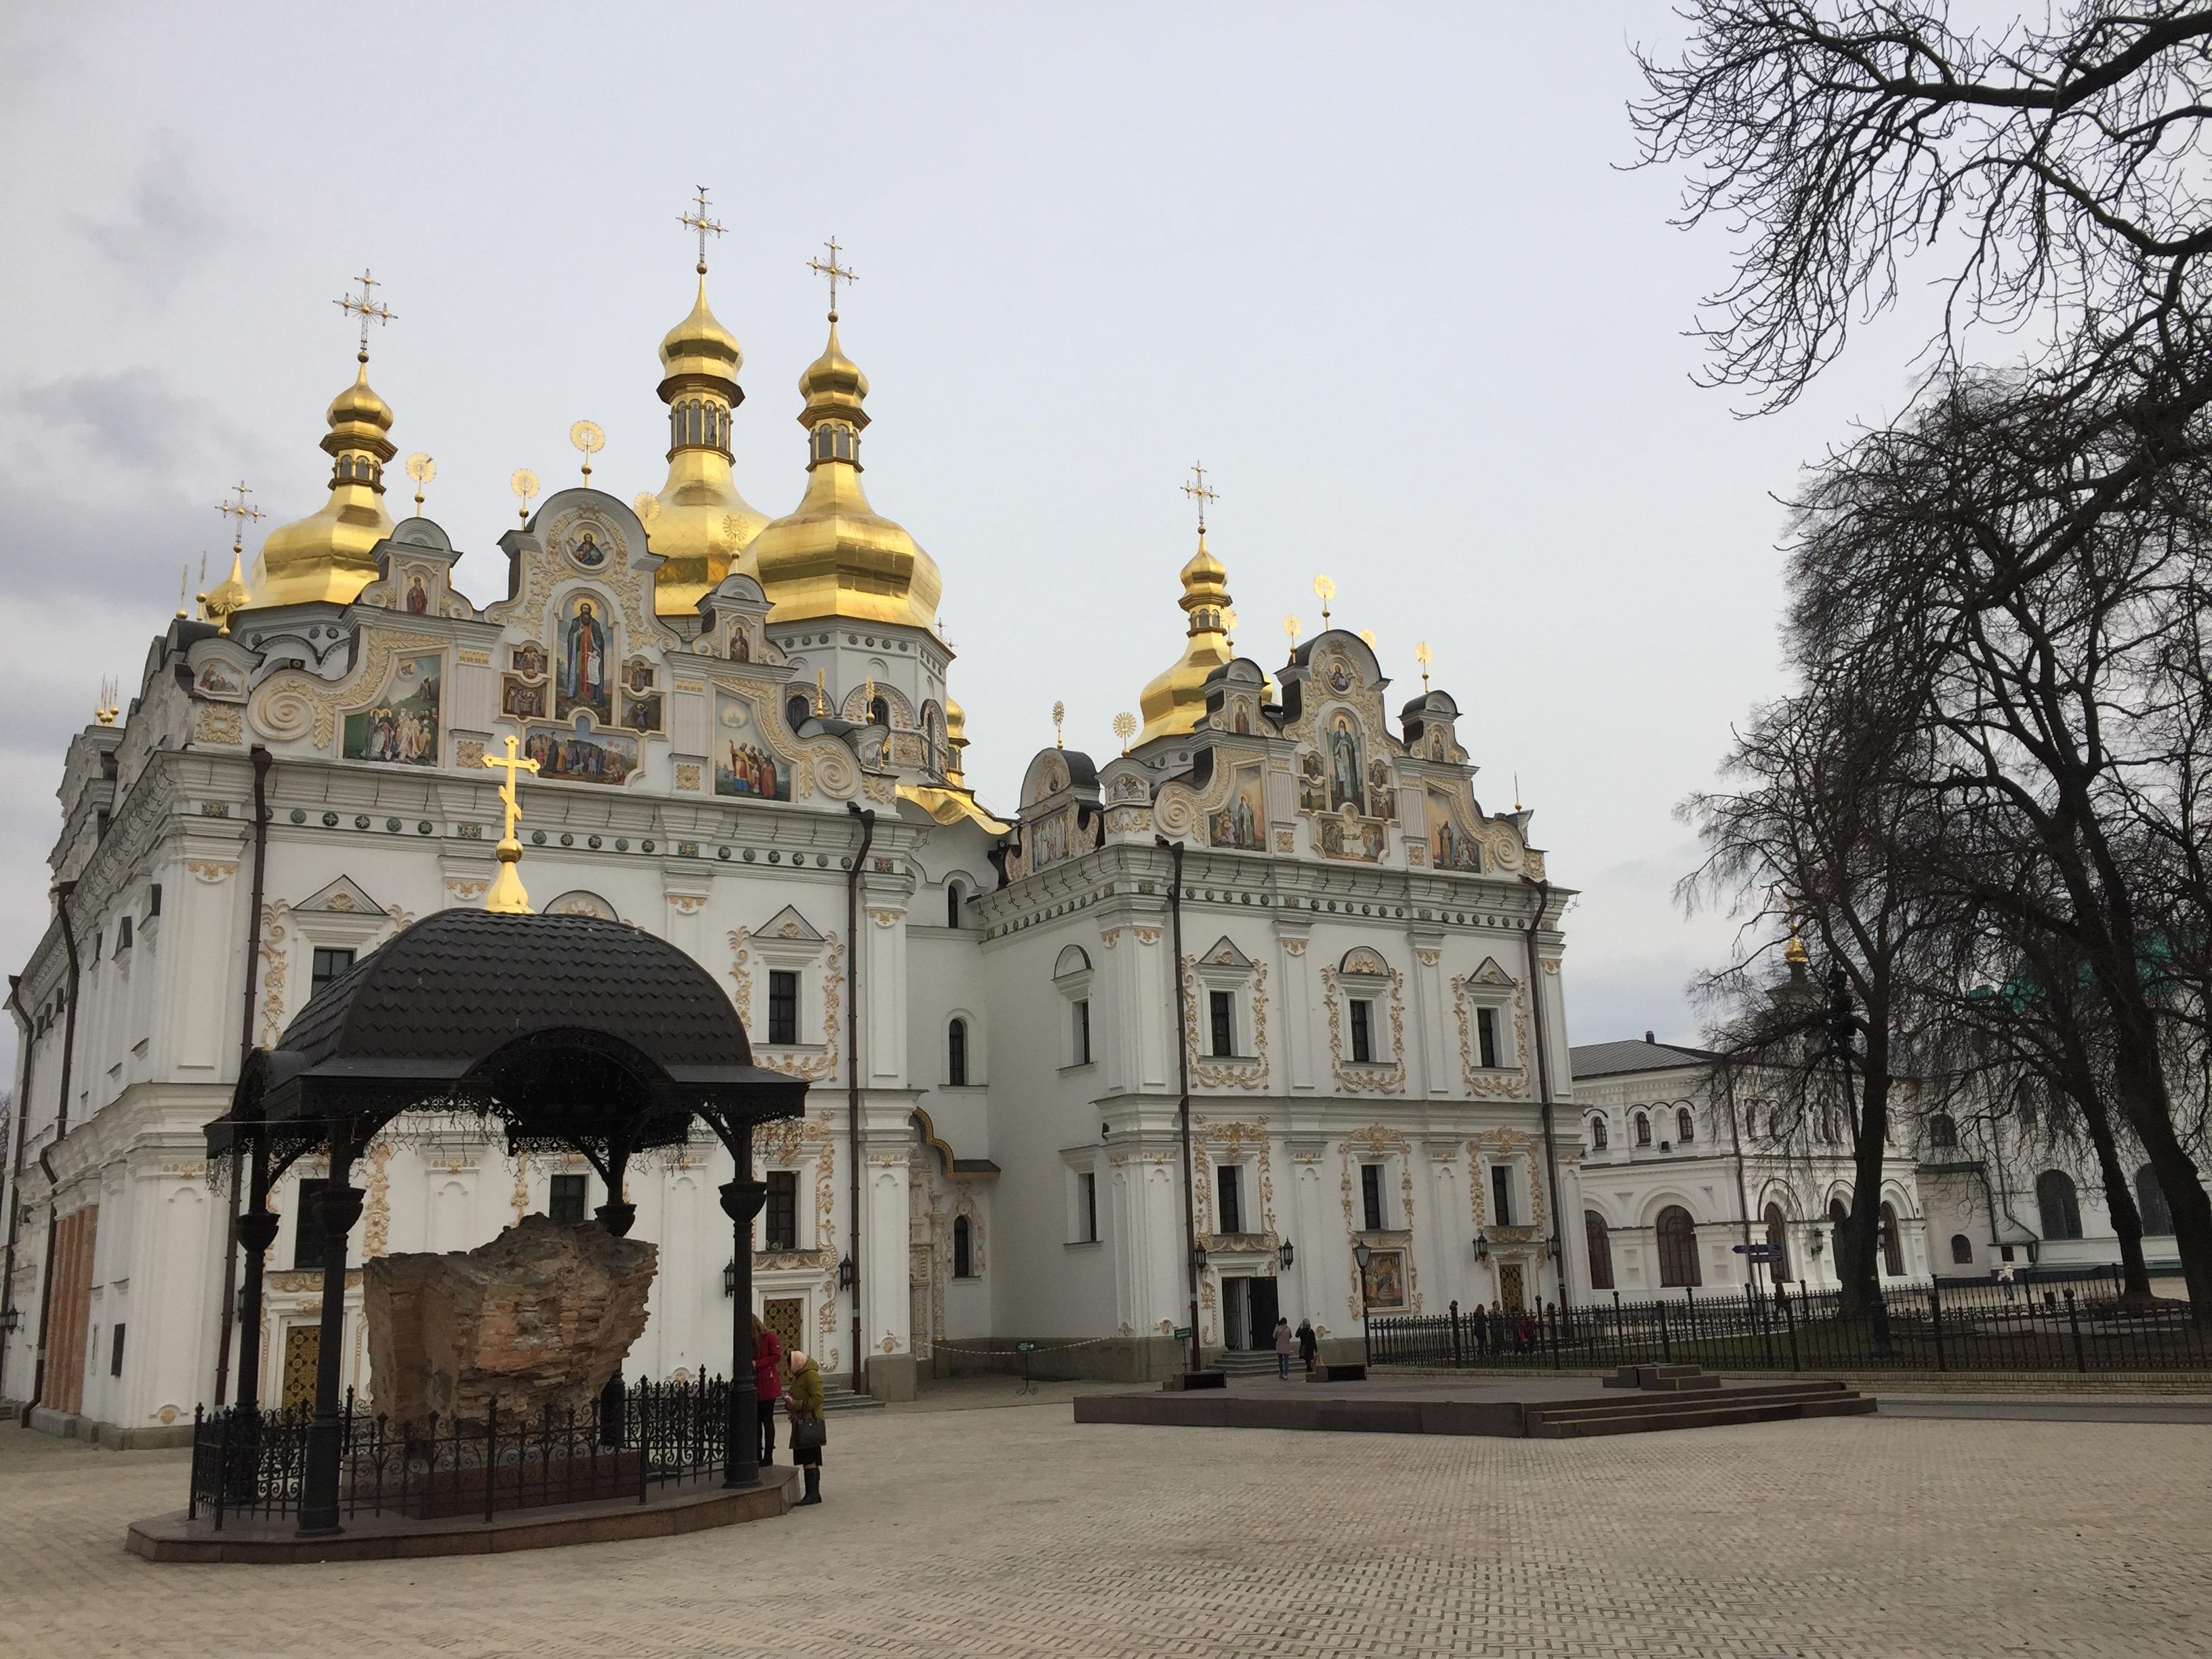 キエフのウスペンスキー修道院